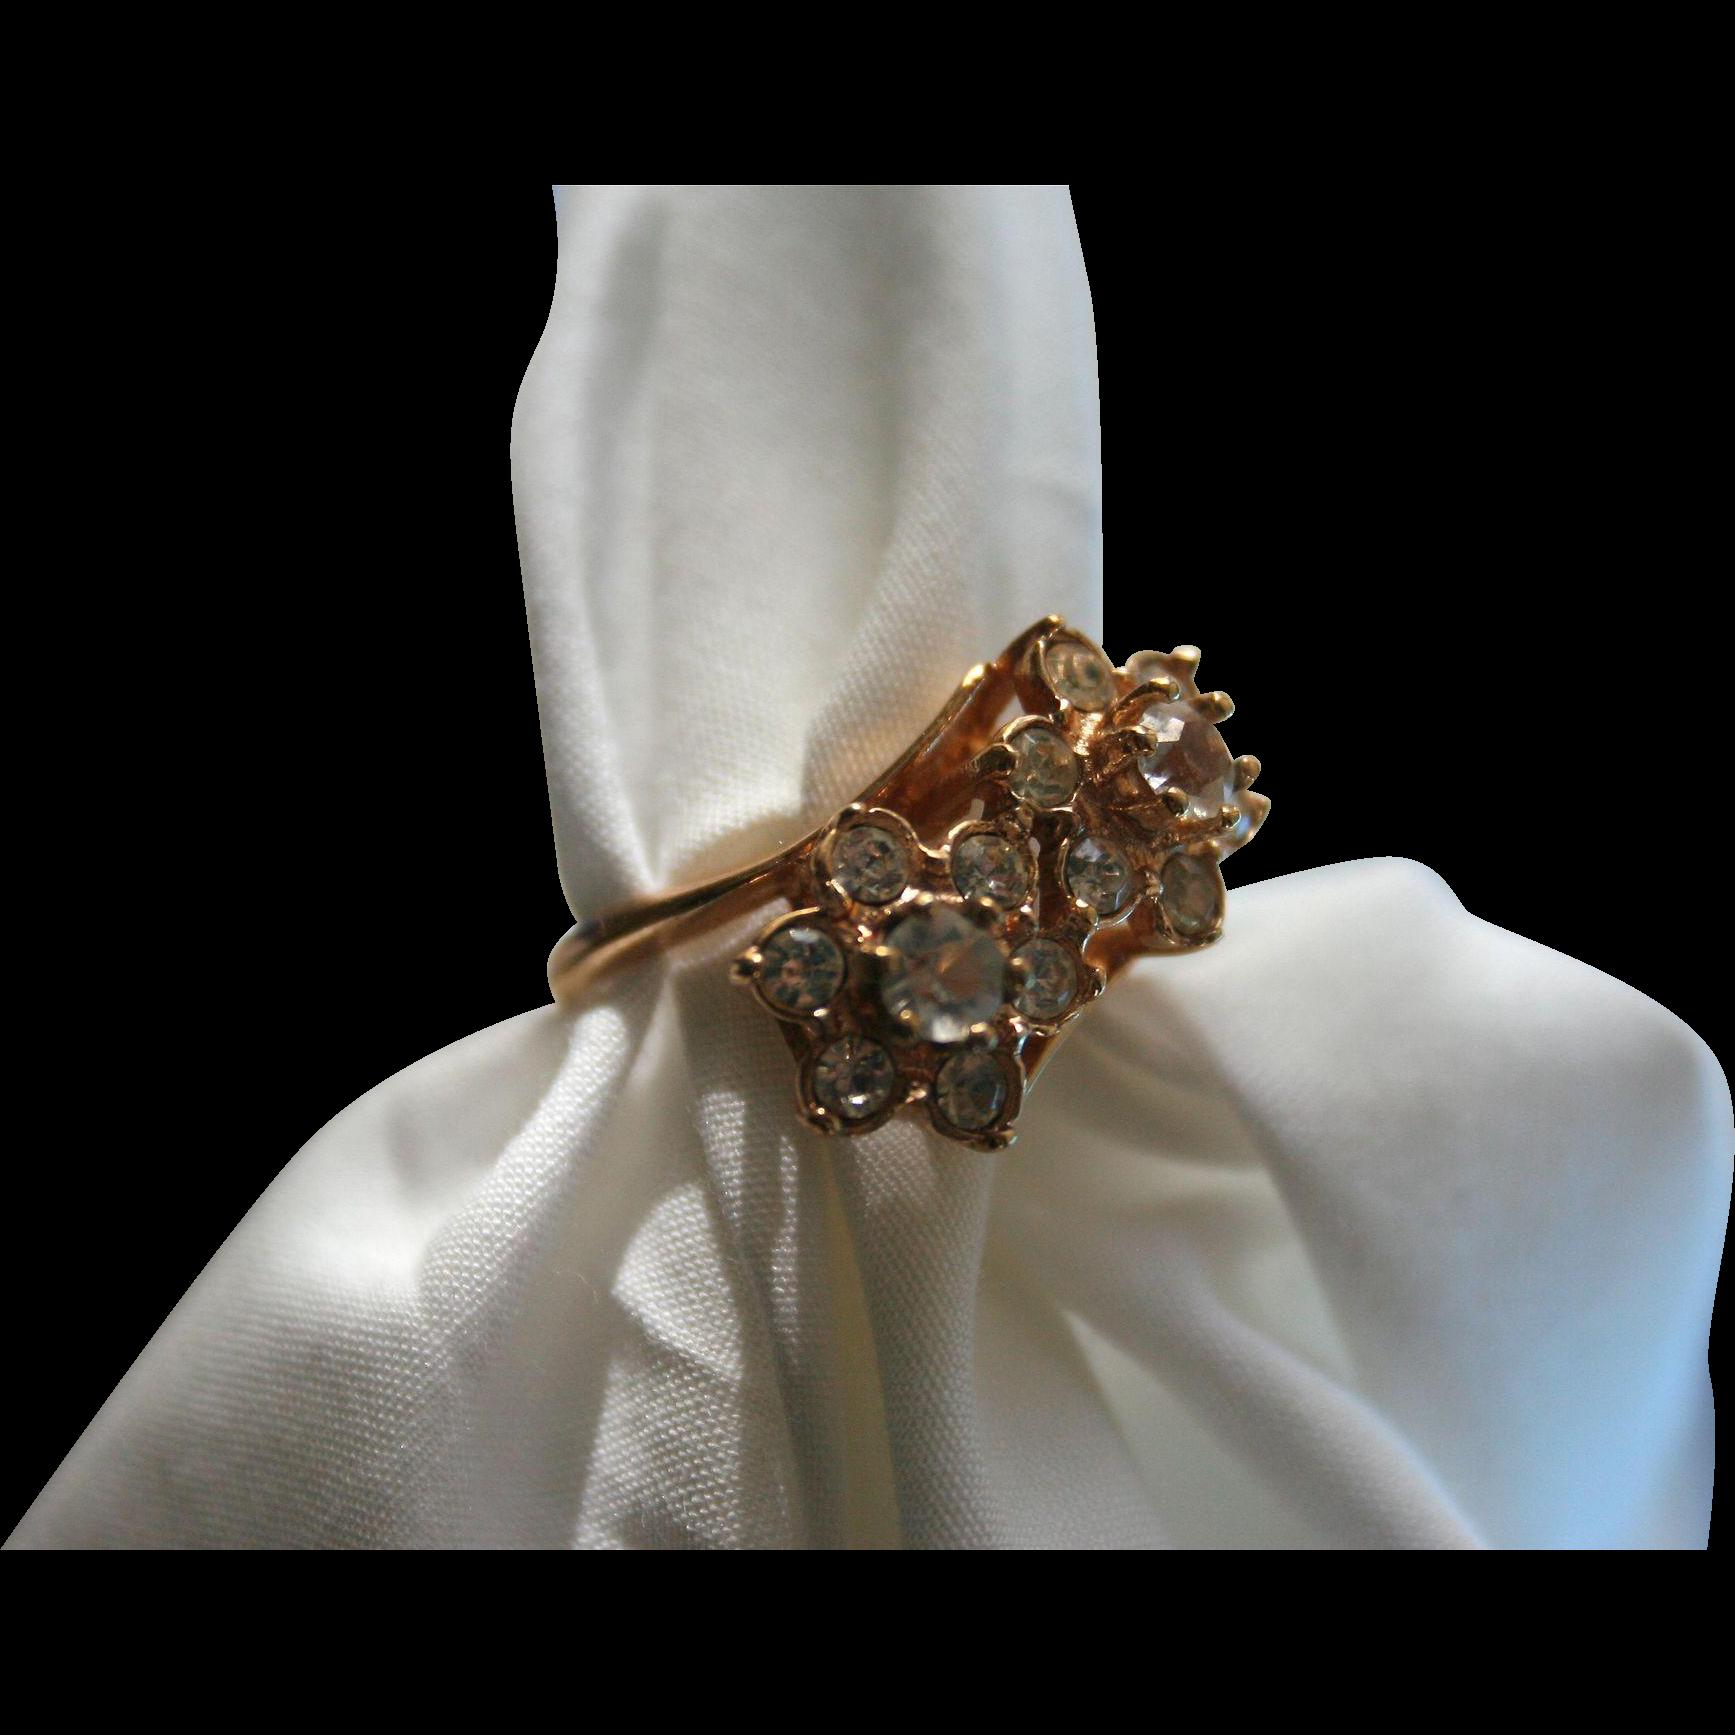 K Hge Silver Ring